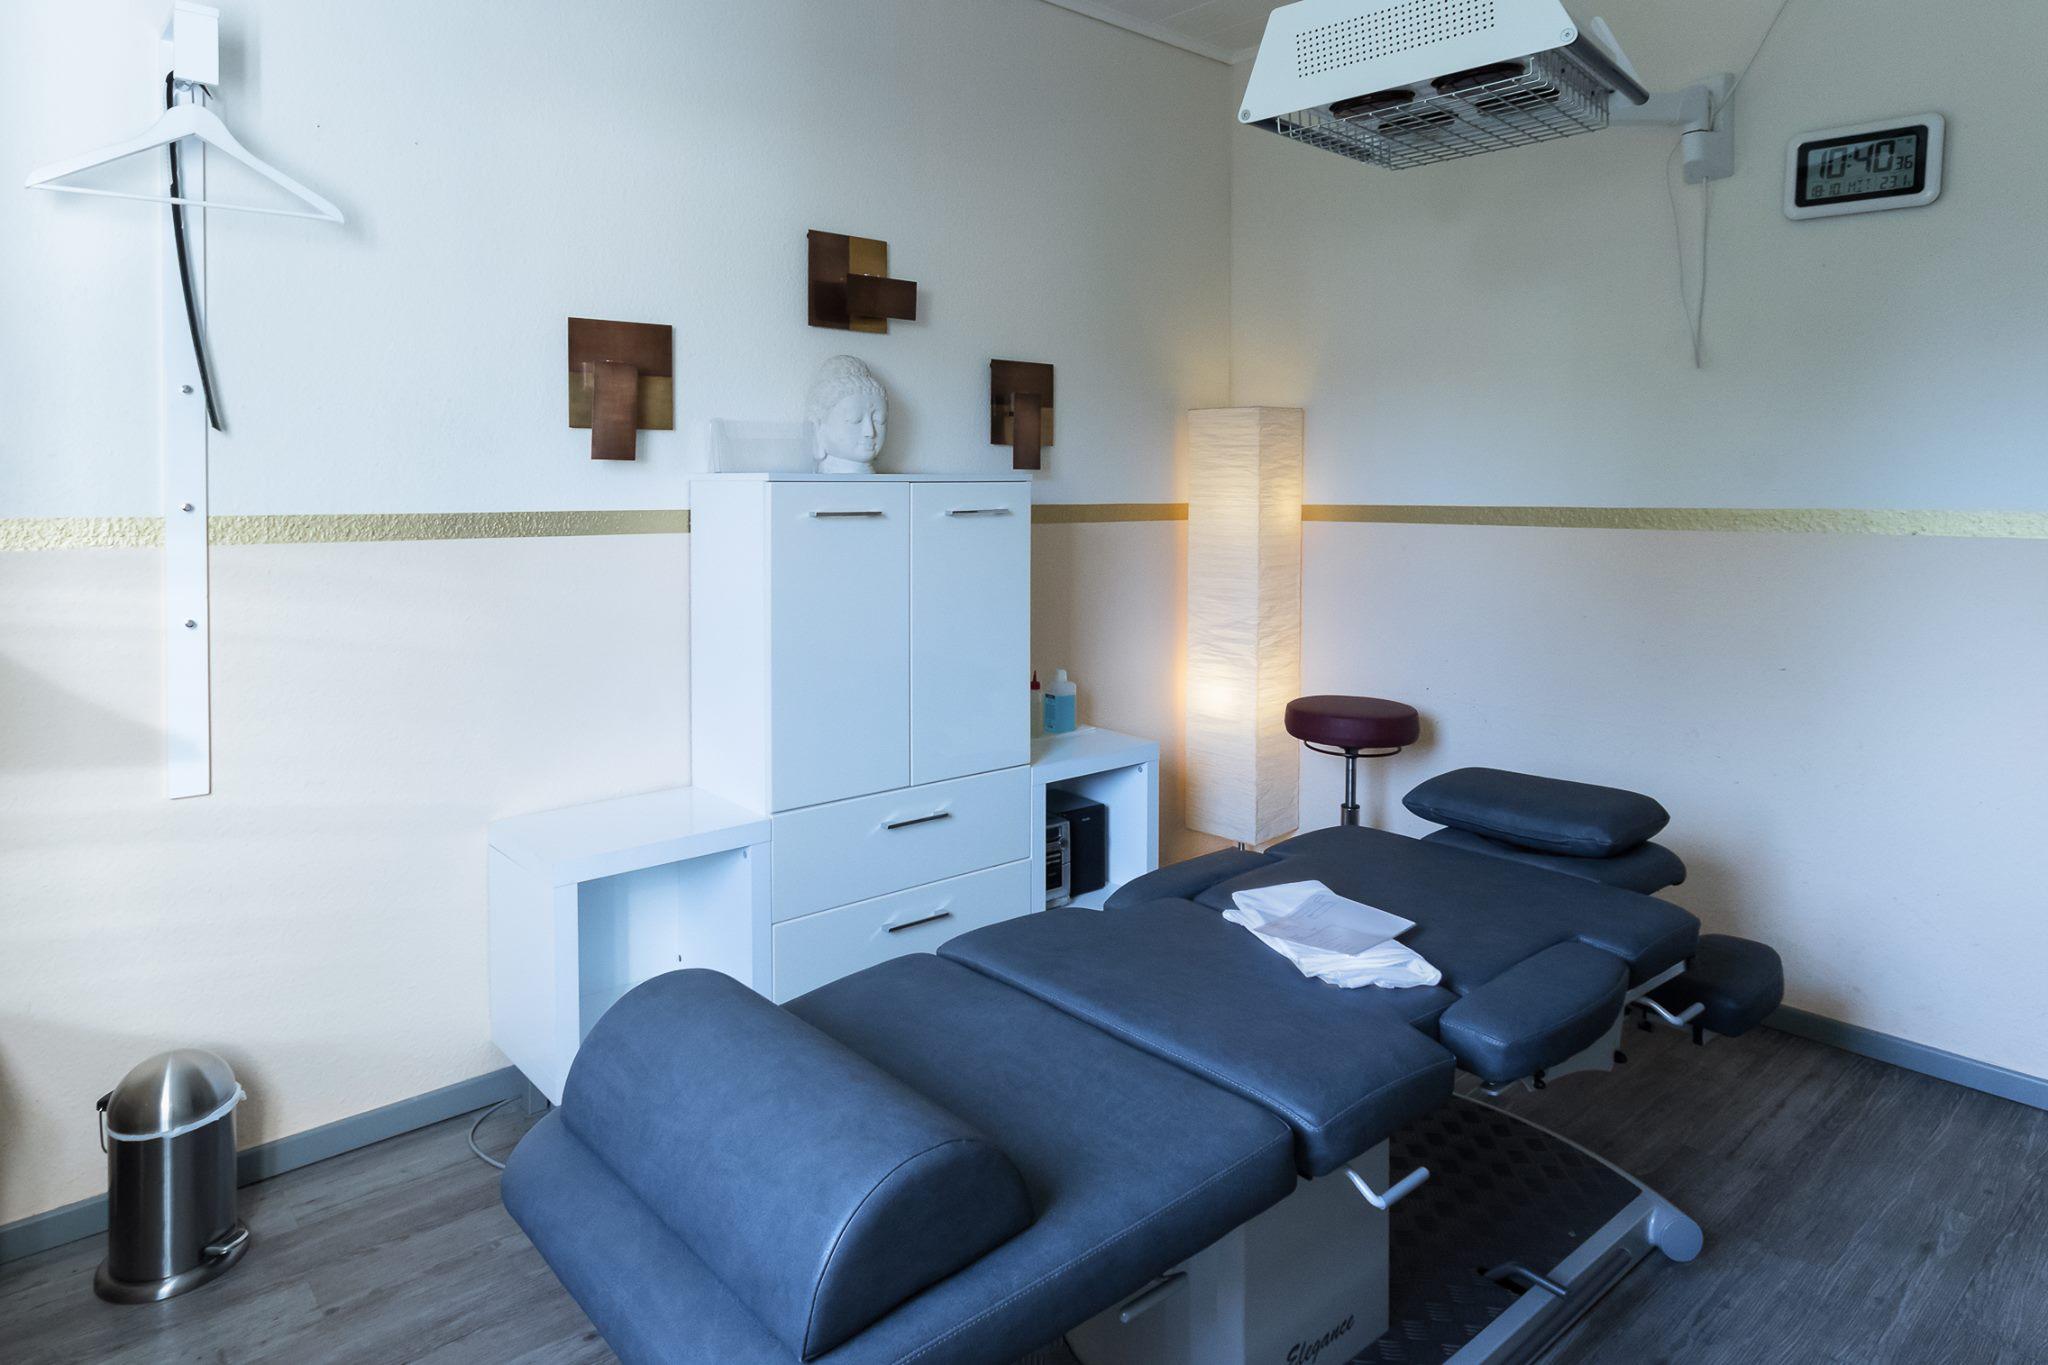 Behandlungszimmer2